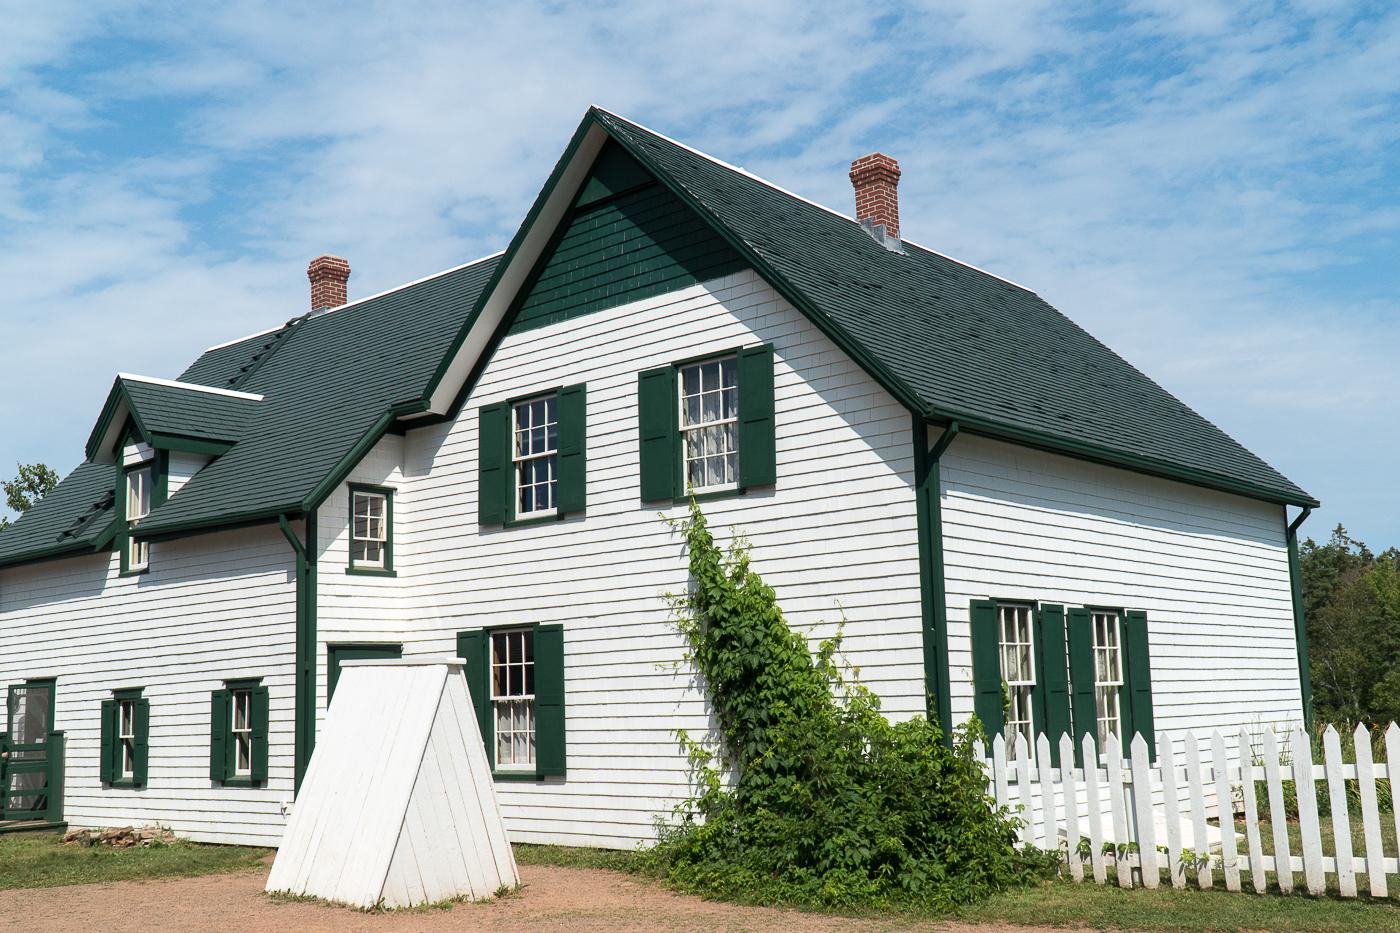 Maison d'Anne et la maison aux pignons verts - Centre de visite Green Gables - voyage à l'Île-du-Prince-Édouard